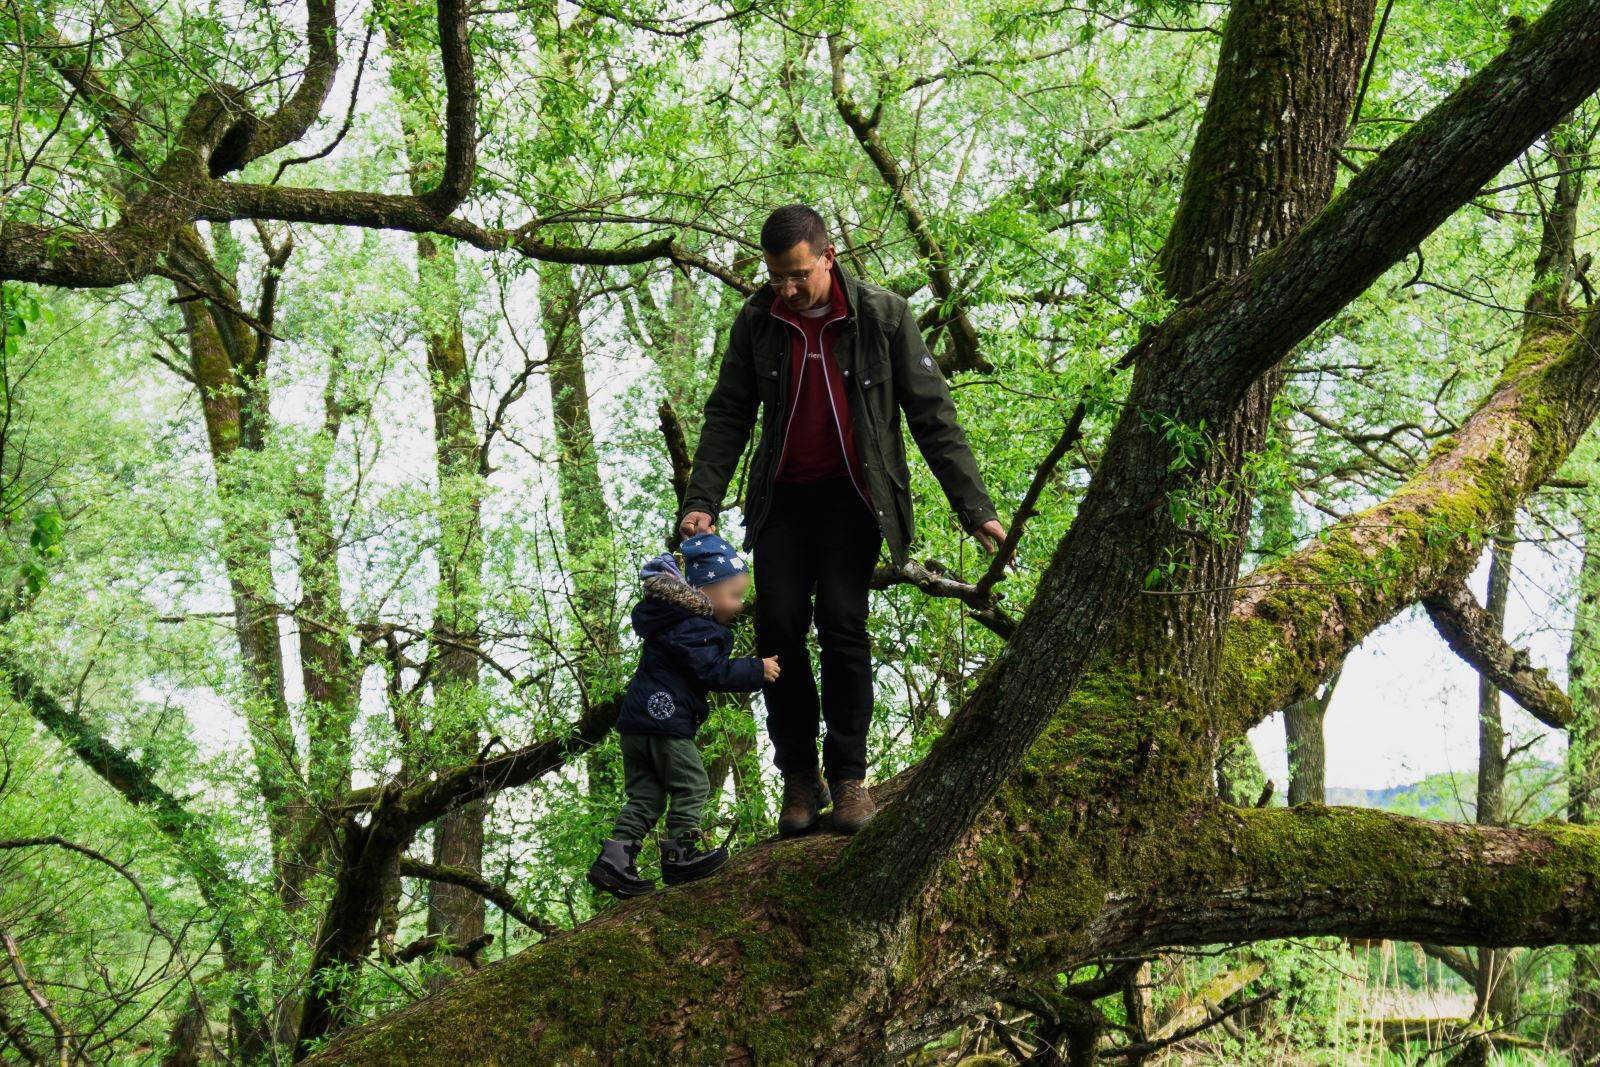 Vater und Sohn in der Natur © Erträume Deine Welt